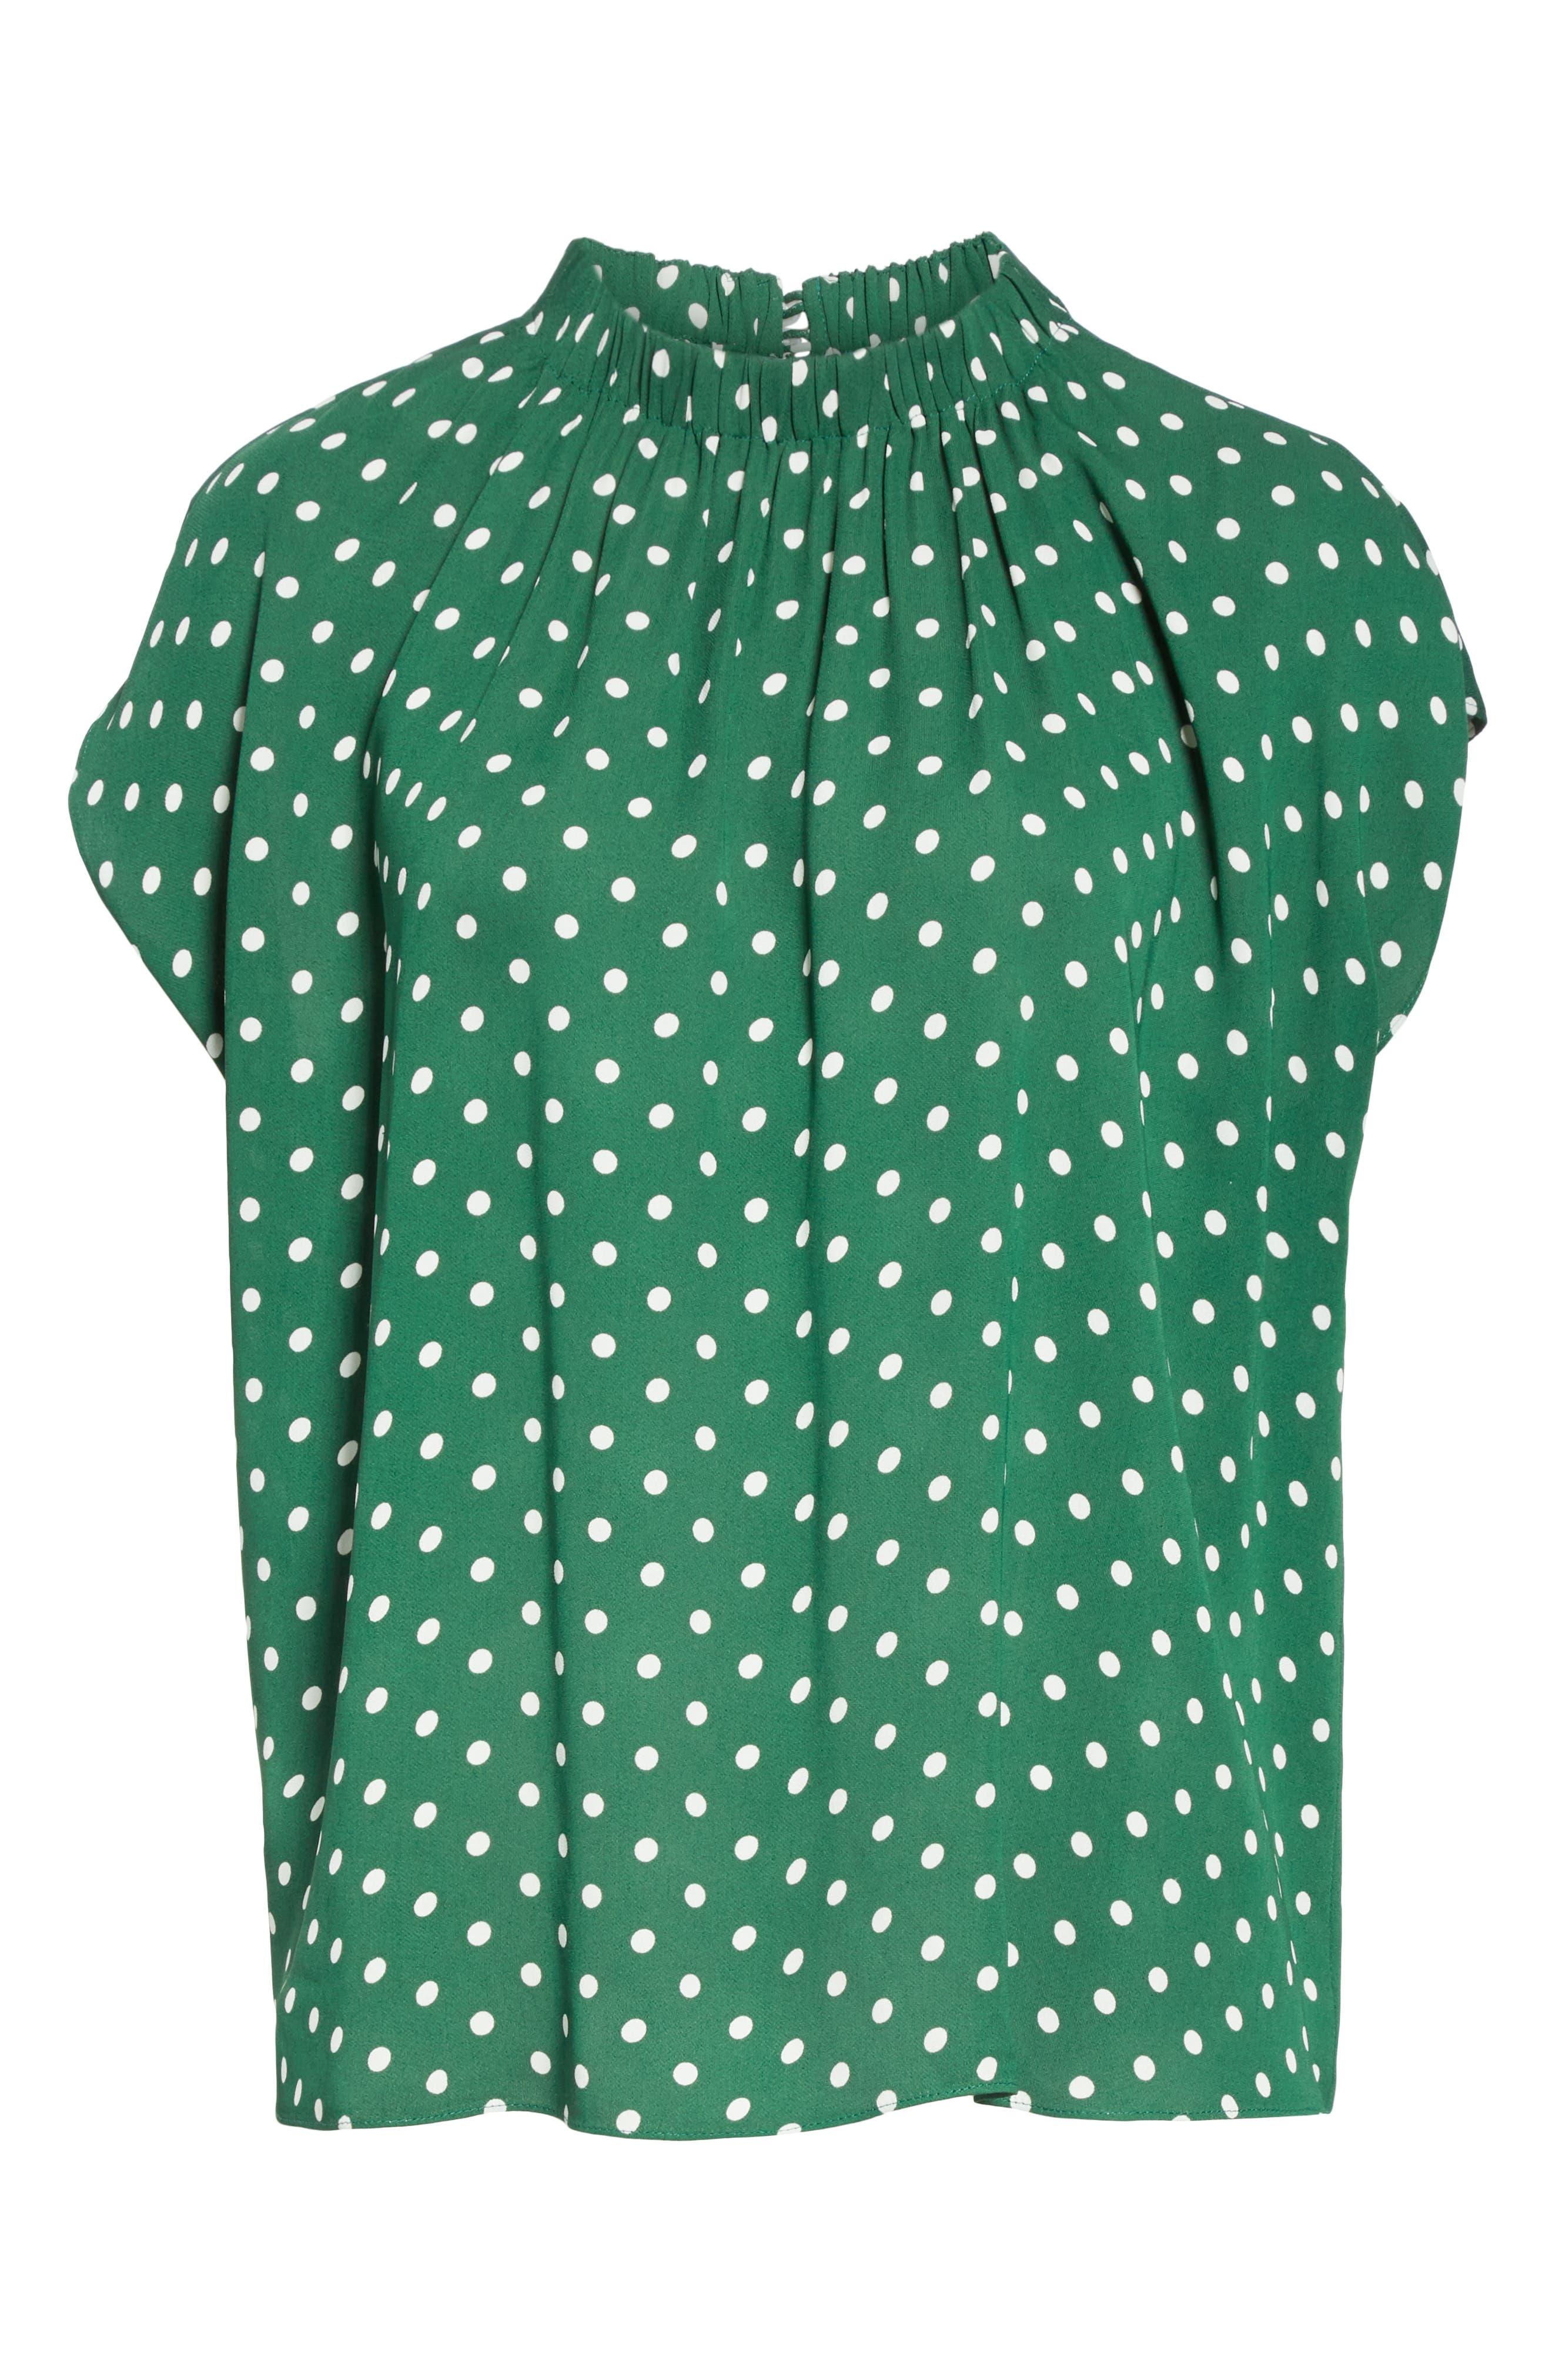 Polka Dot Short Sleeve Top,                             Alternate thumbnail 6, color,                             GREEN EDEN PETITE DOT